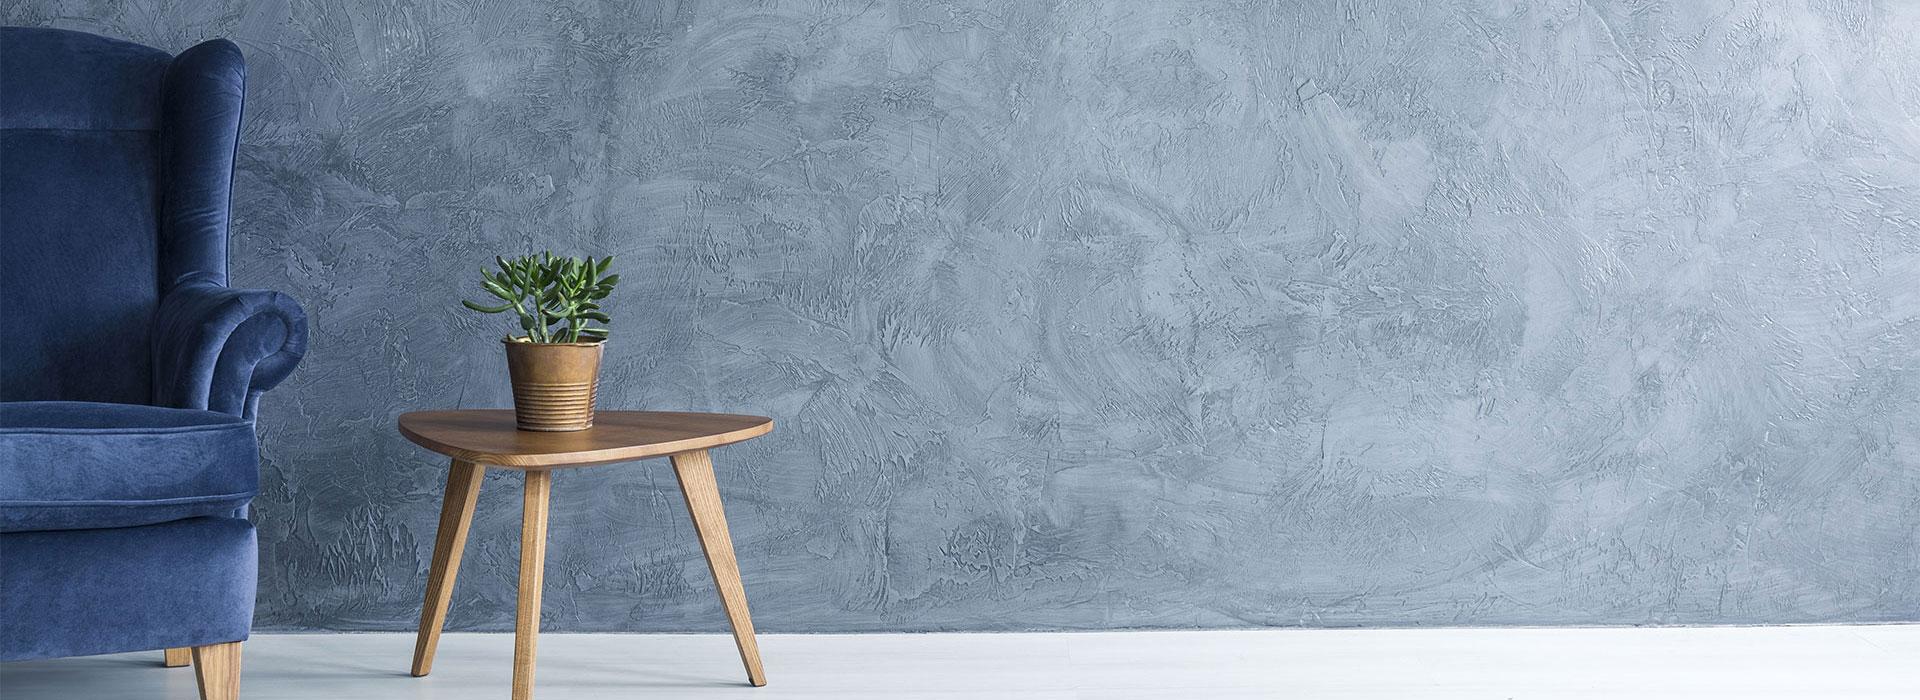 maler siedler leistungen maler und lackiererarbeiten finden sie hier. Black Bedroom Furniture Sets. Home Design Ideas